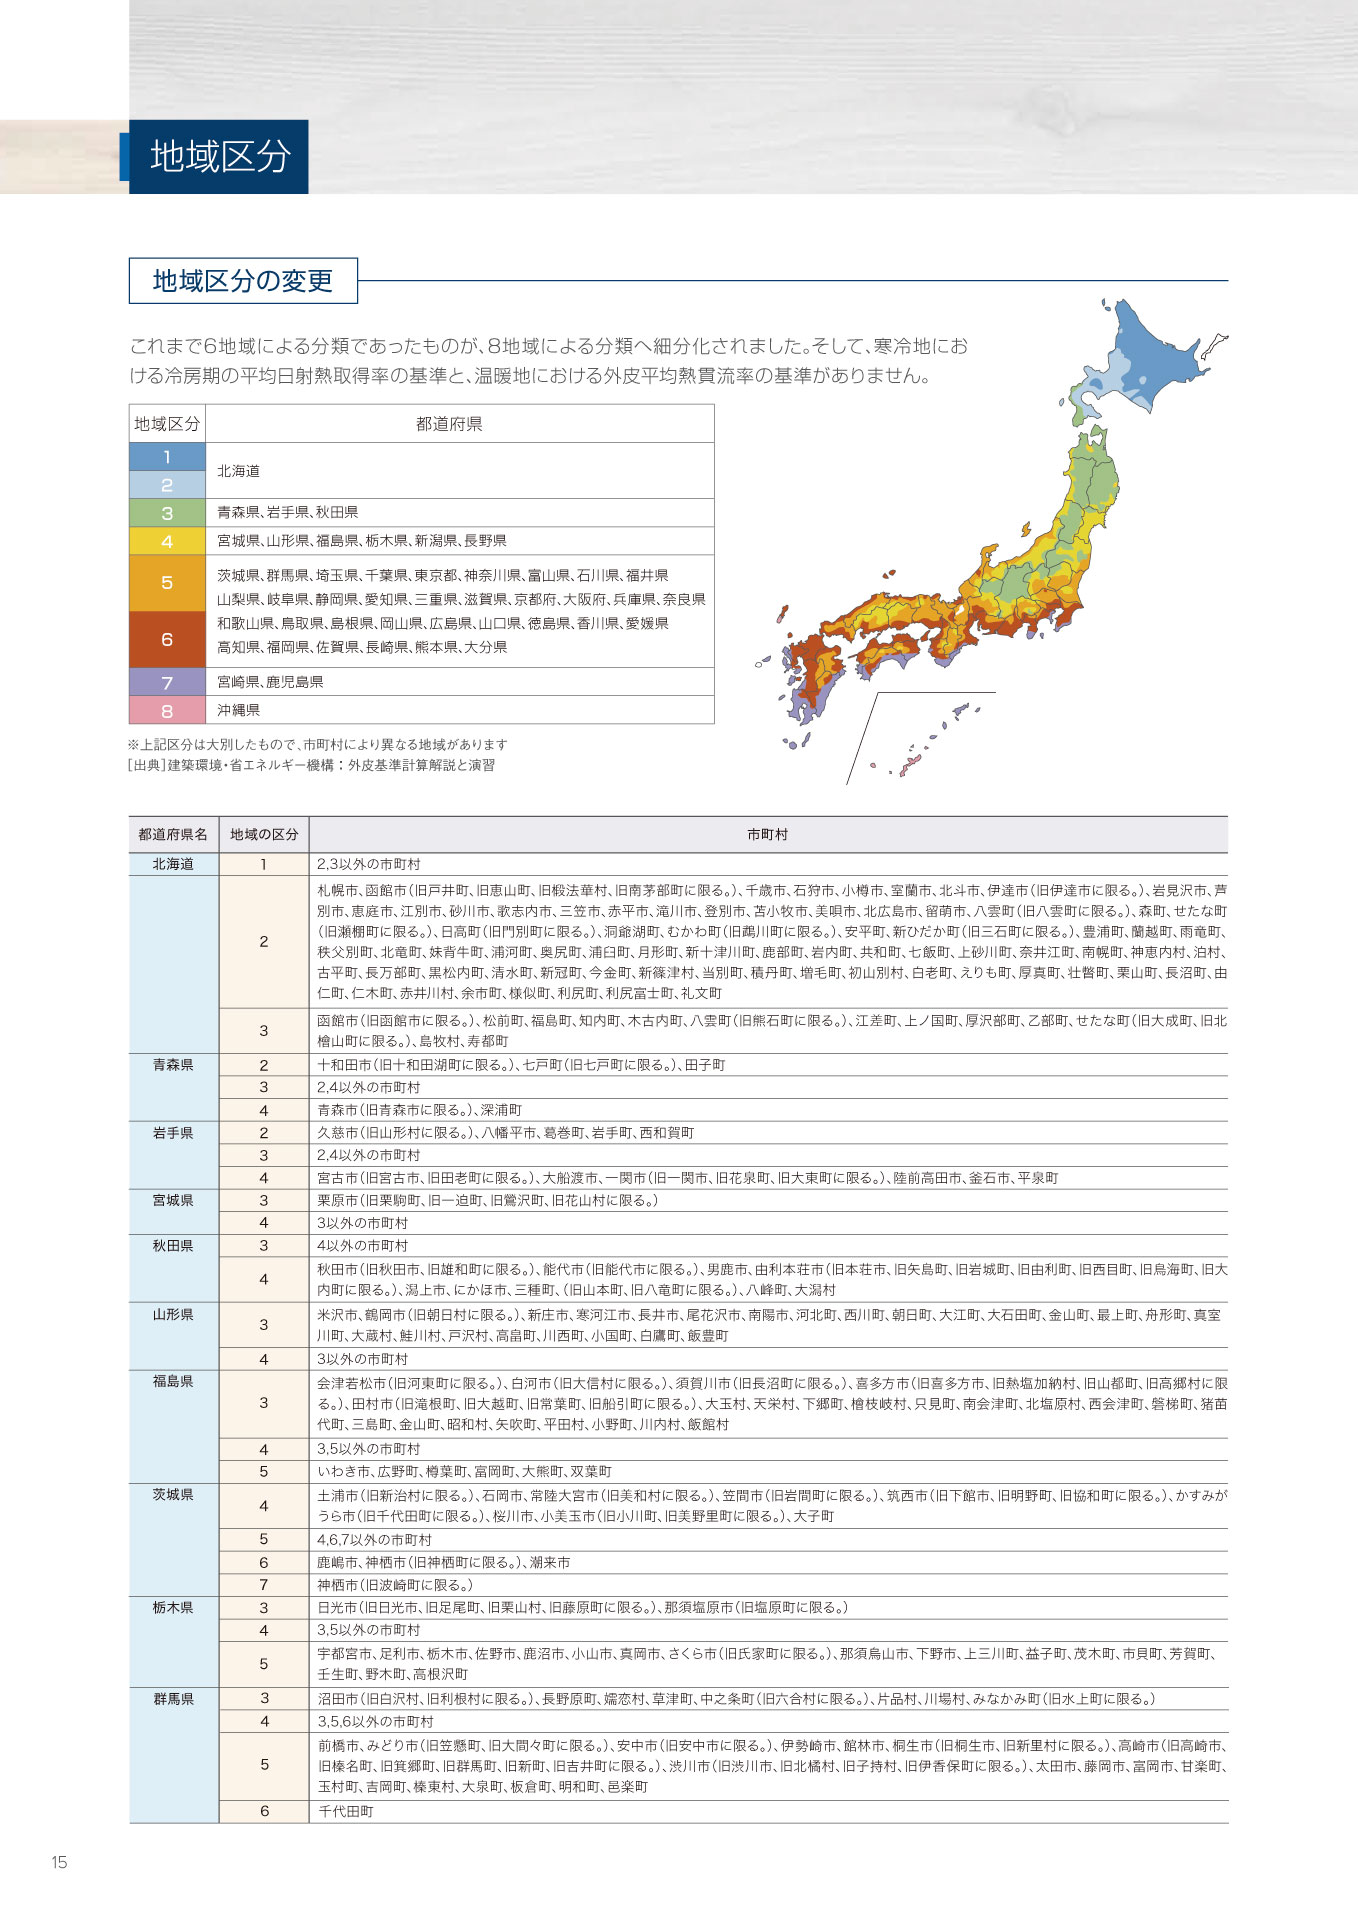 木造住宅用総合カタログP15